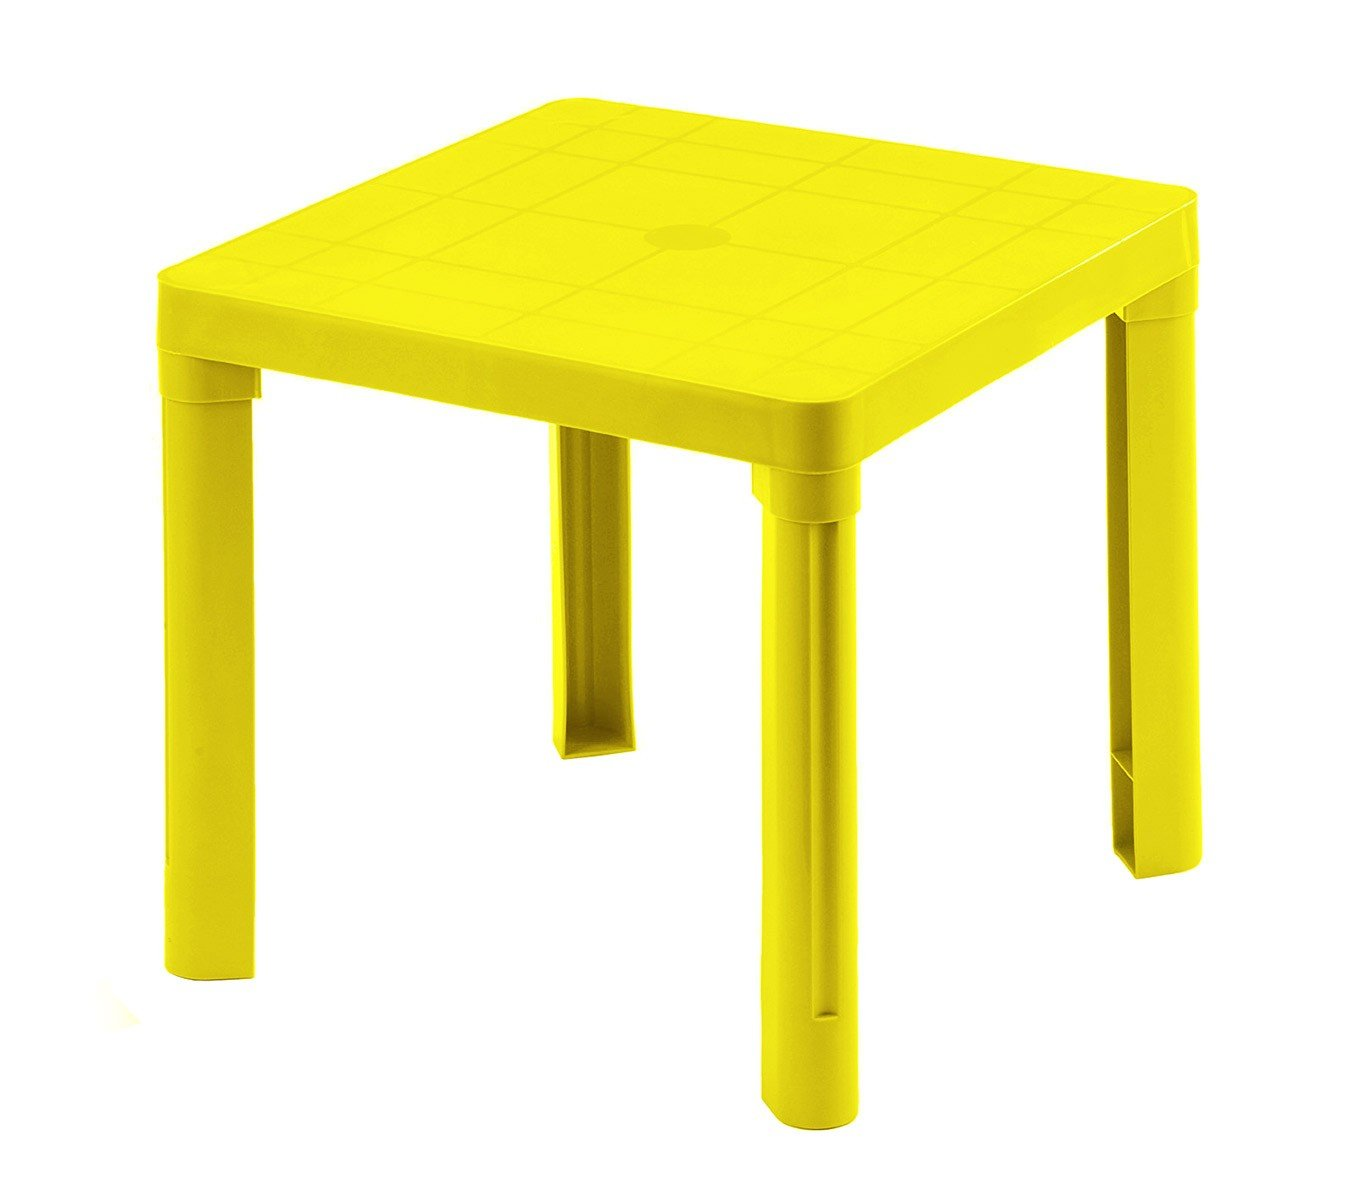 MEDIA WAVE store 240335 Tavolo per Bambini in plastica 50 x 50 cm smontabile in plastica Rigida di Colore Giallo